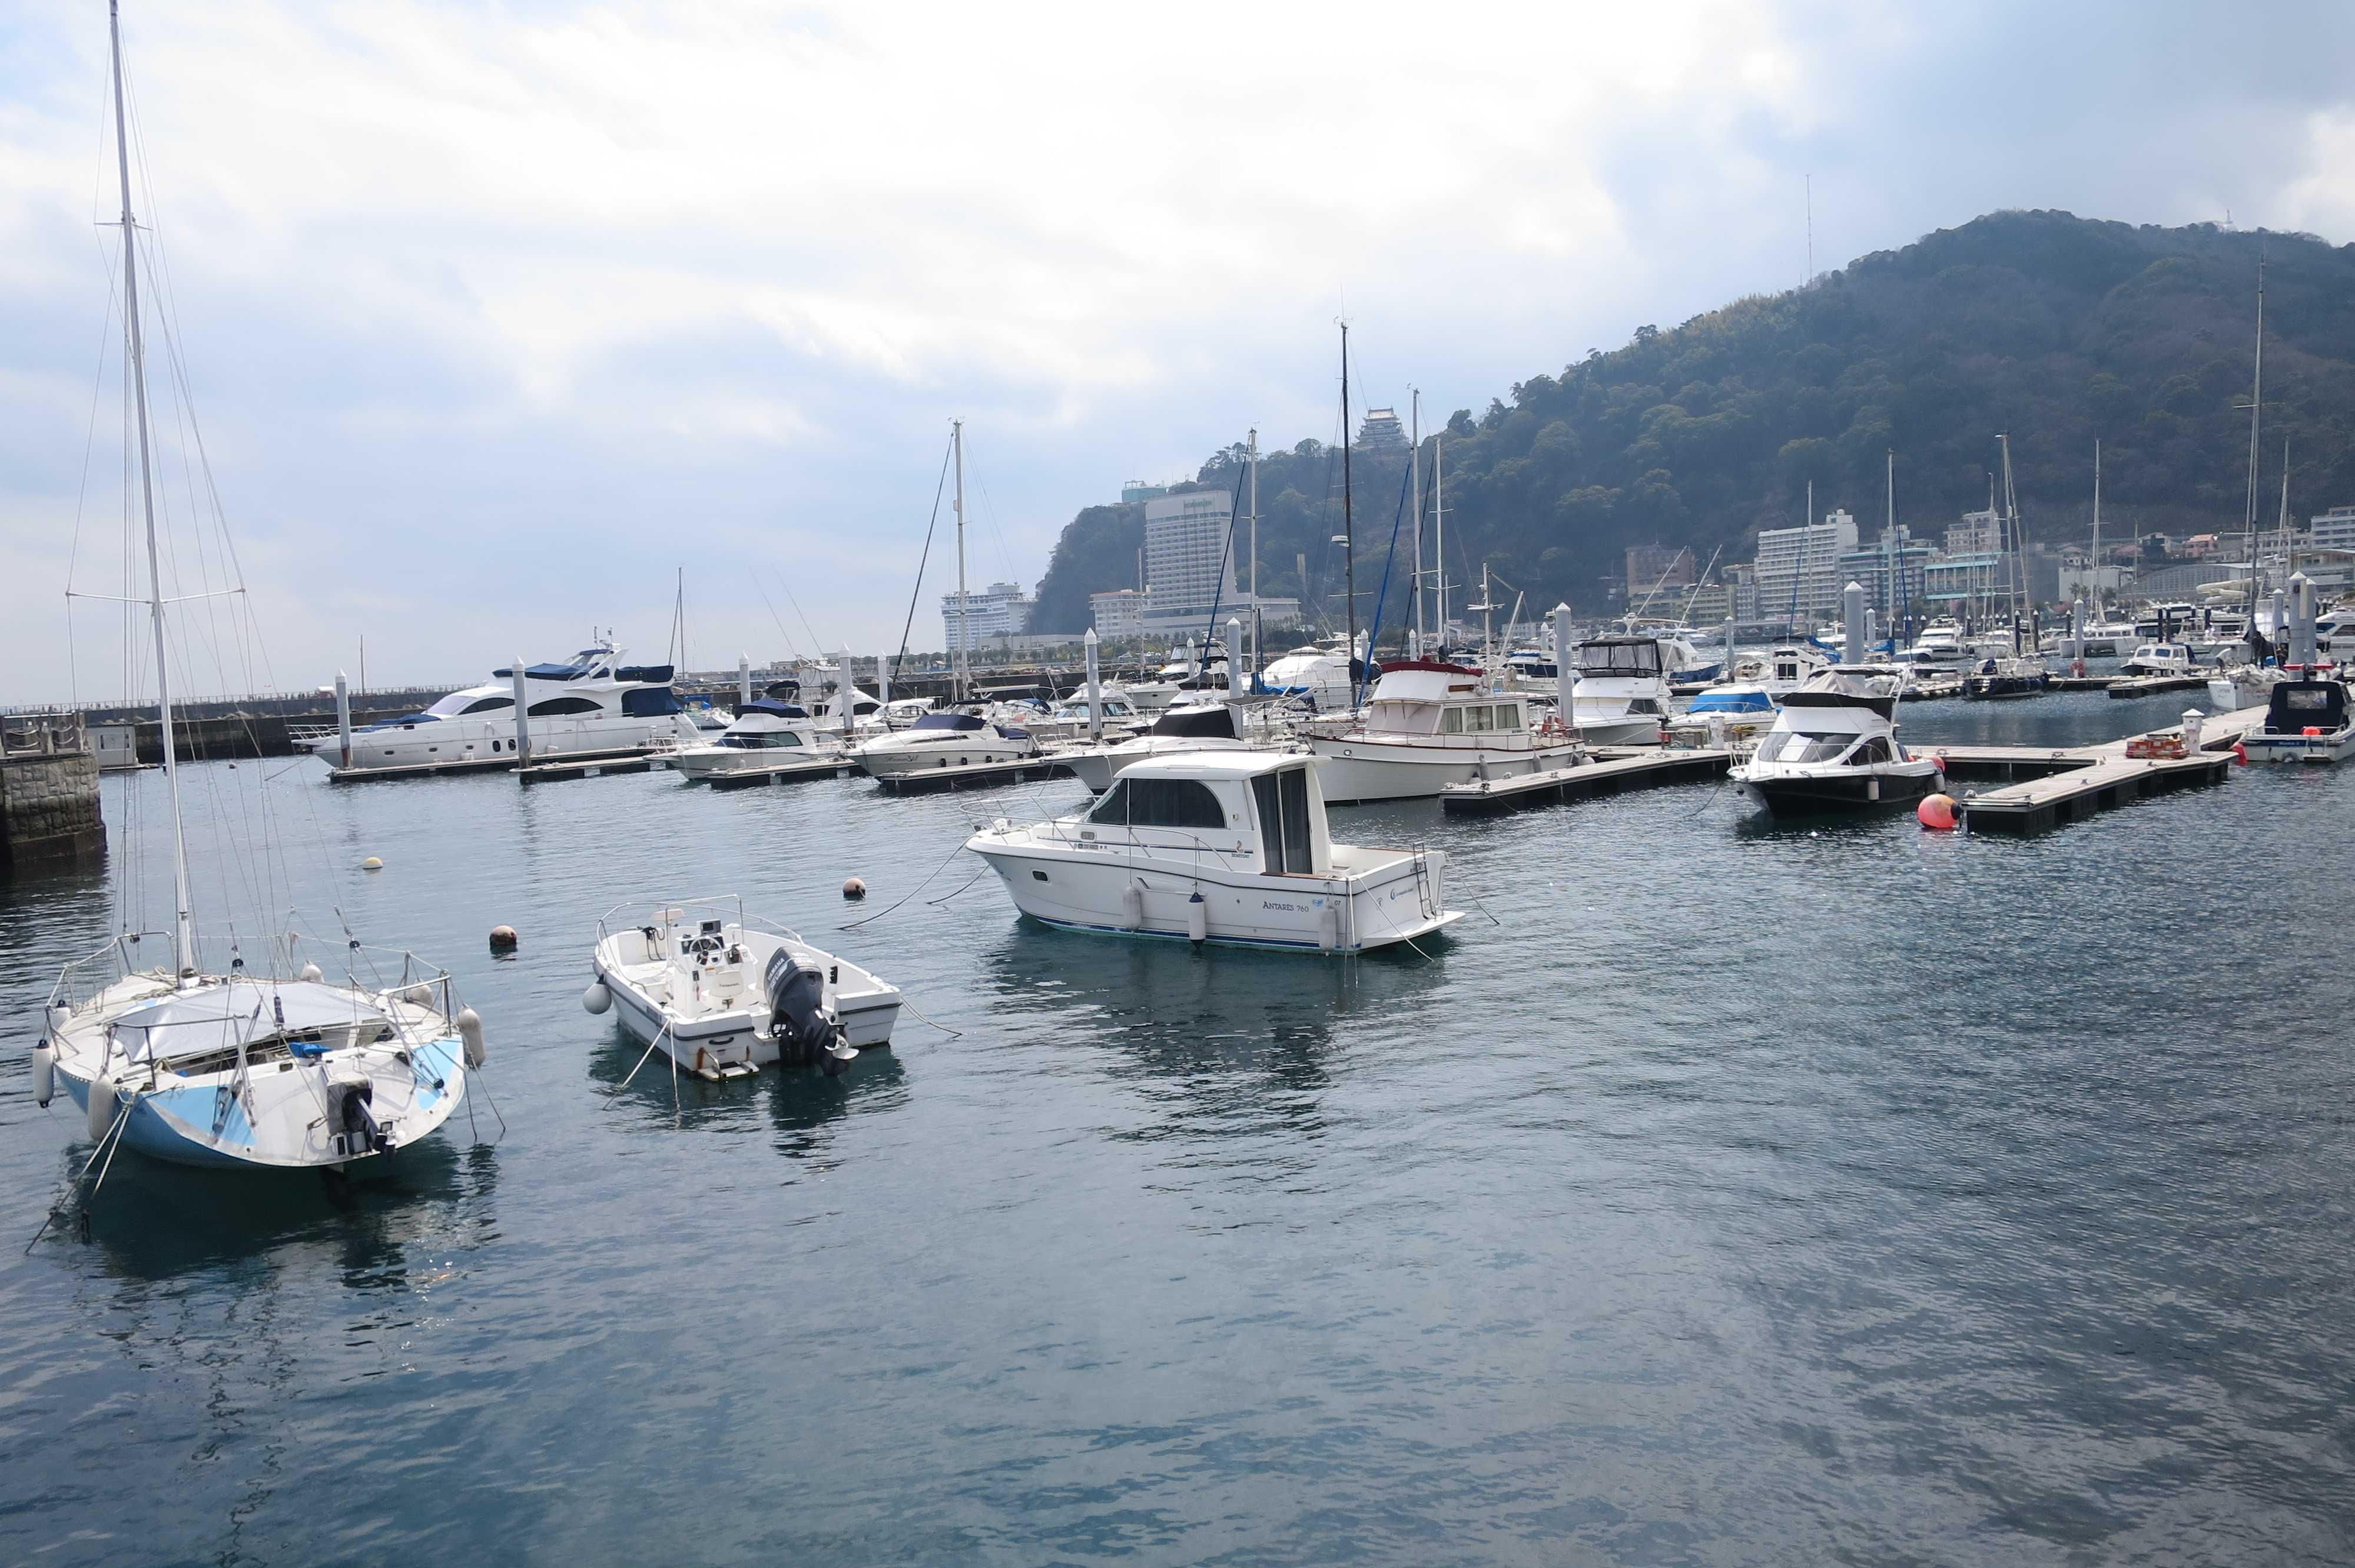 スパ・マリーナ熱海 - 係留されている船